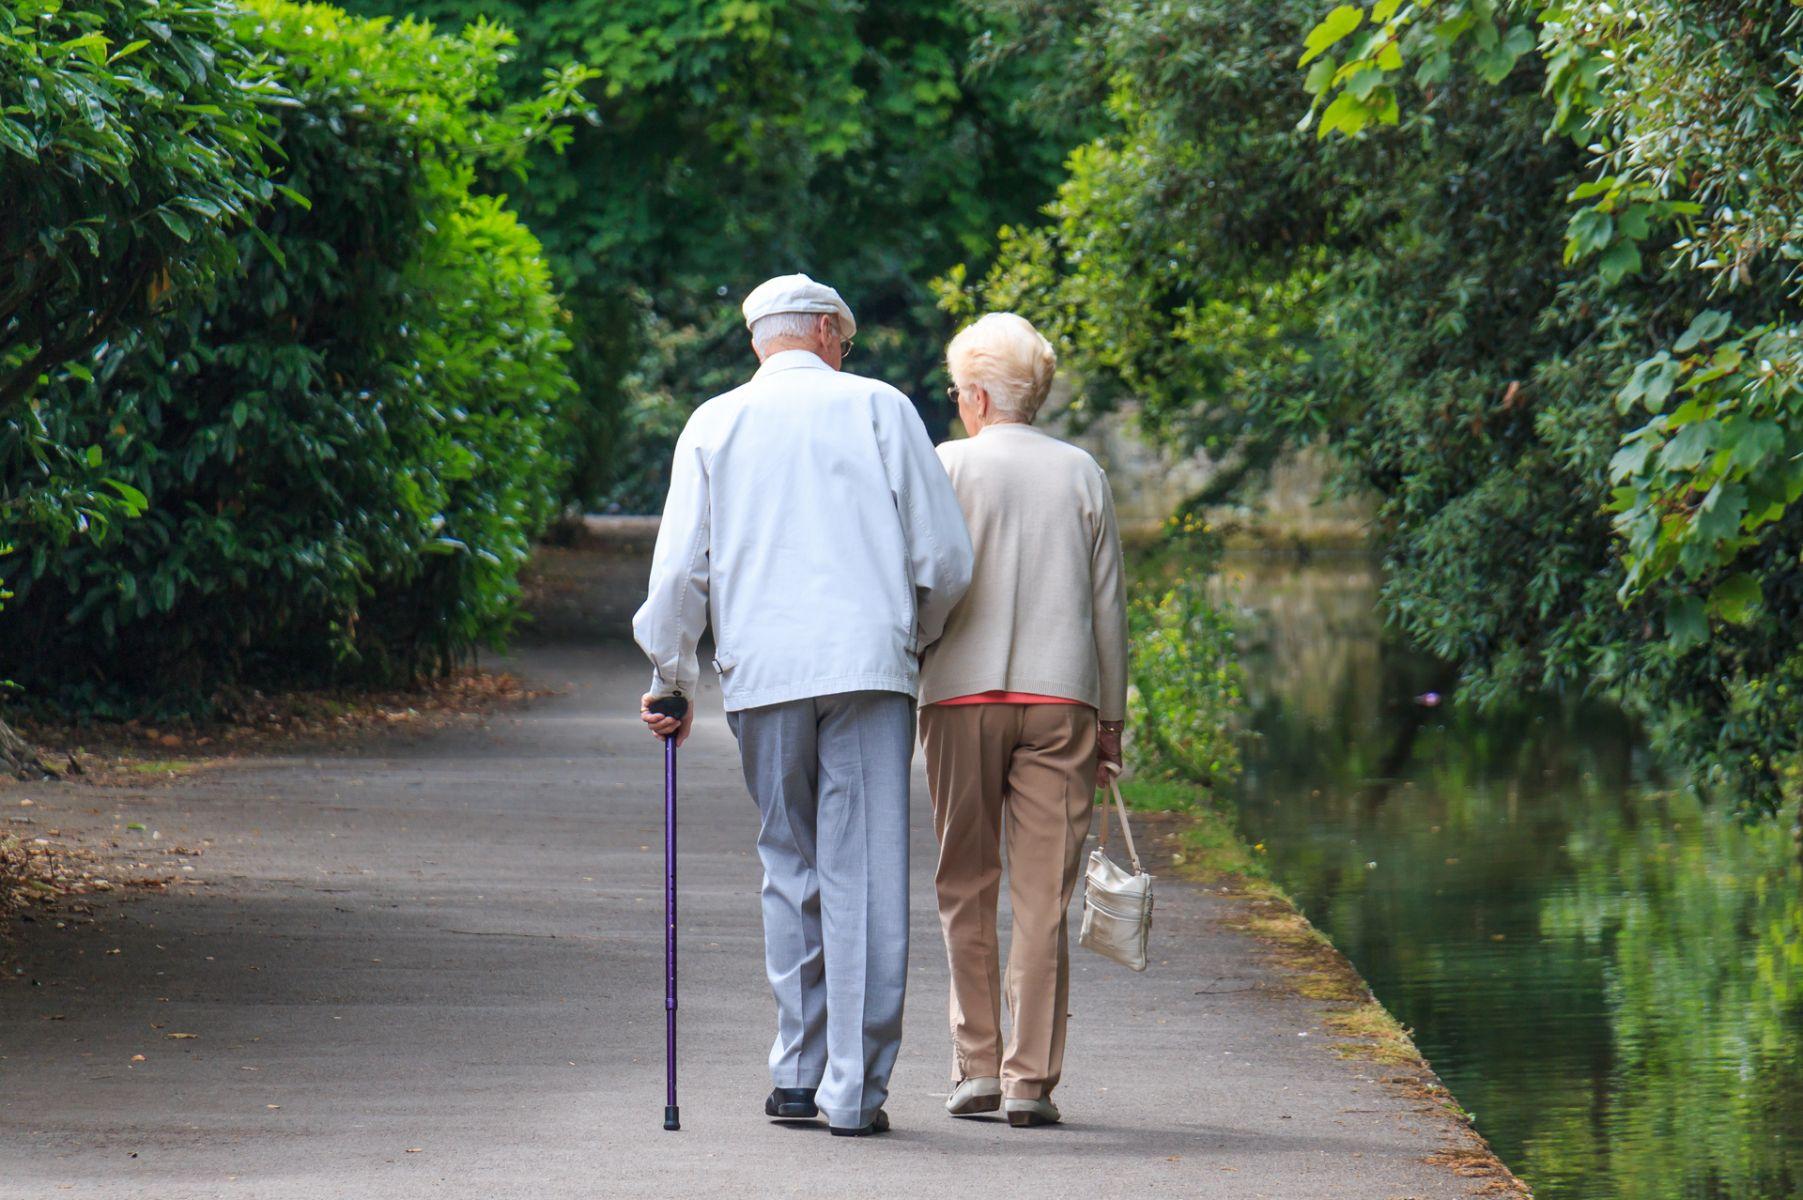 老人多散步有益健康 研究:可延長壽命